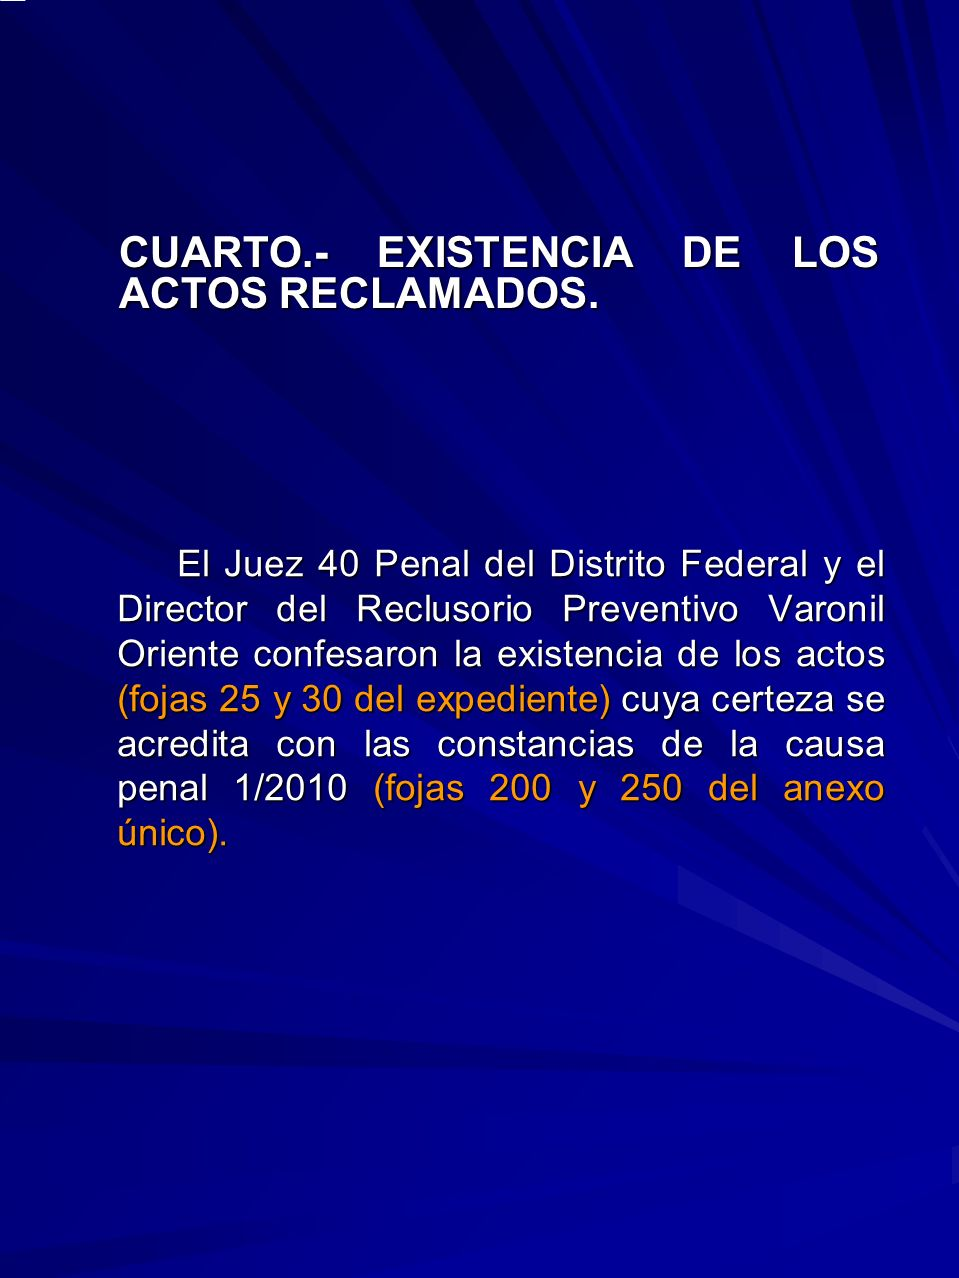 CUARTO.- EXISTENCIA DE LOS ACTOS RECLAMADOS.